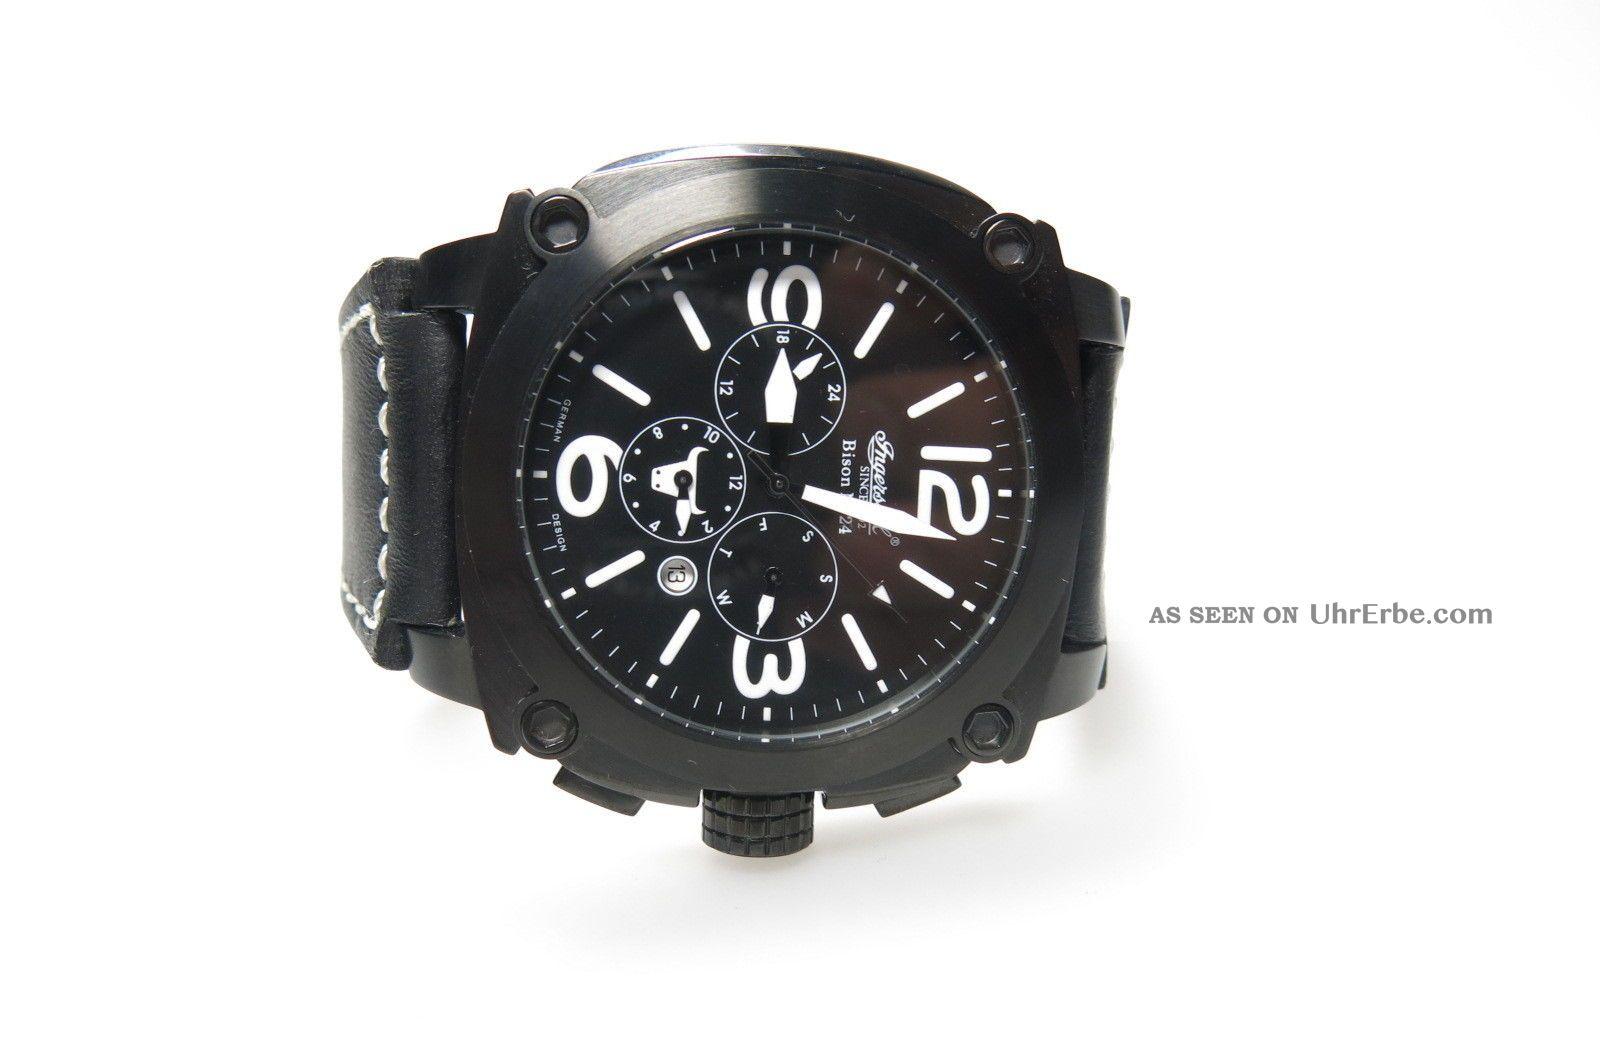 Ingersoll Bison No.  24 In 4103 Bbkw Schwarze Herrenuhr Kautschuckband Automatik Armbanduhren Bild